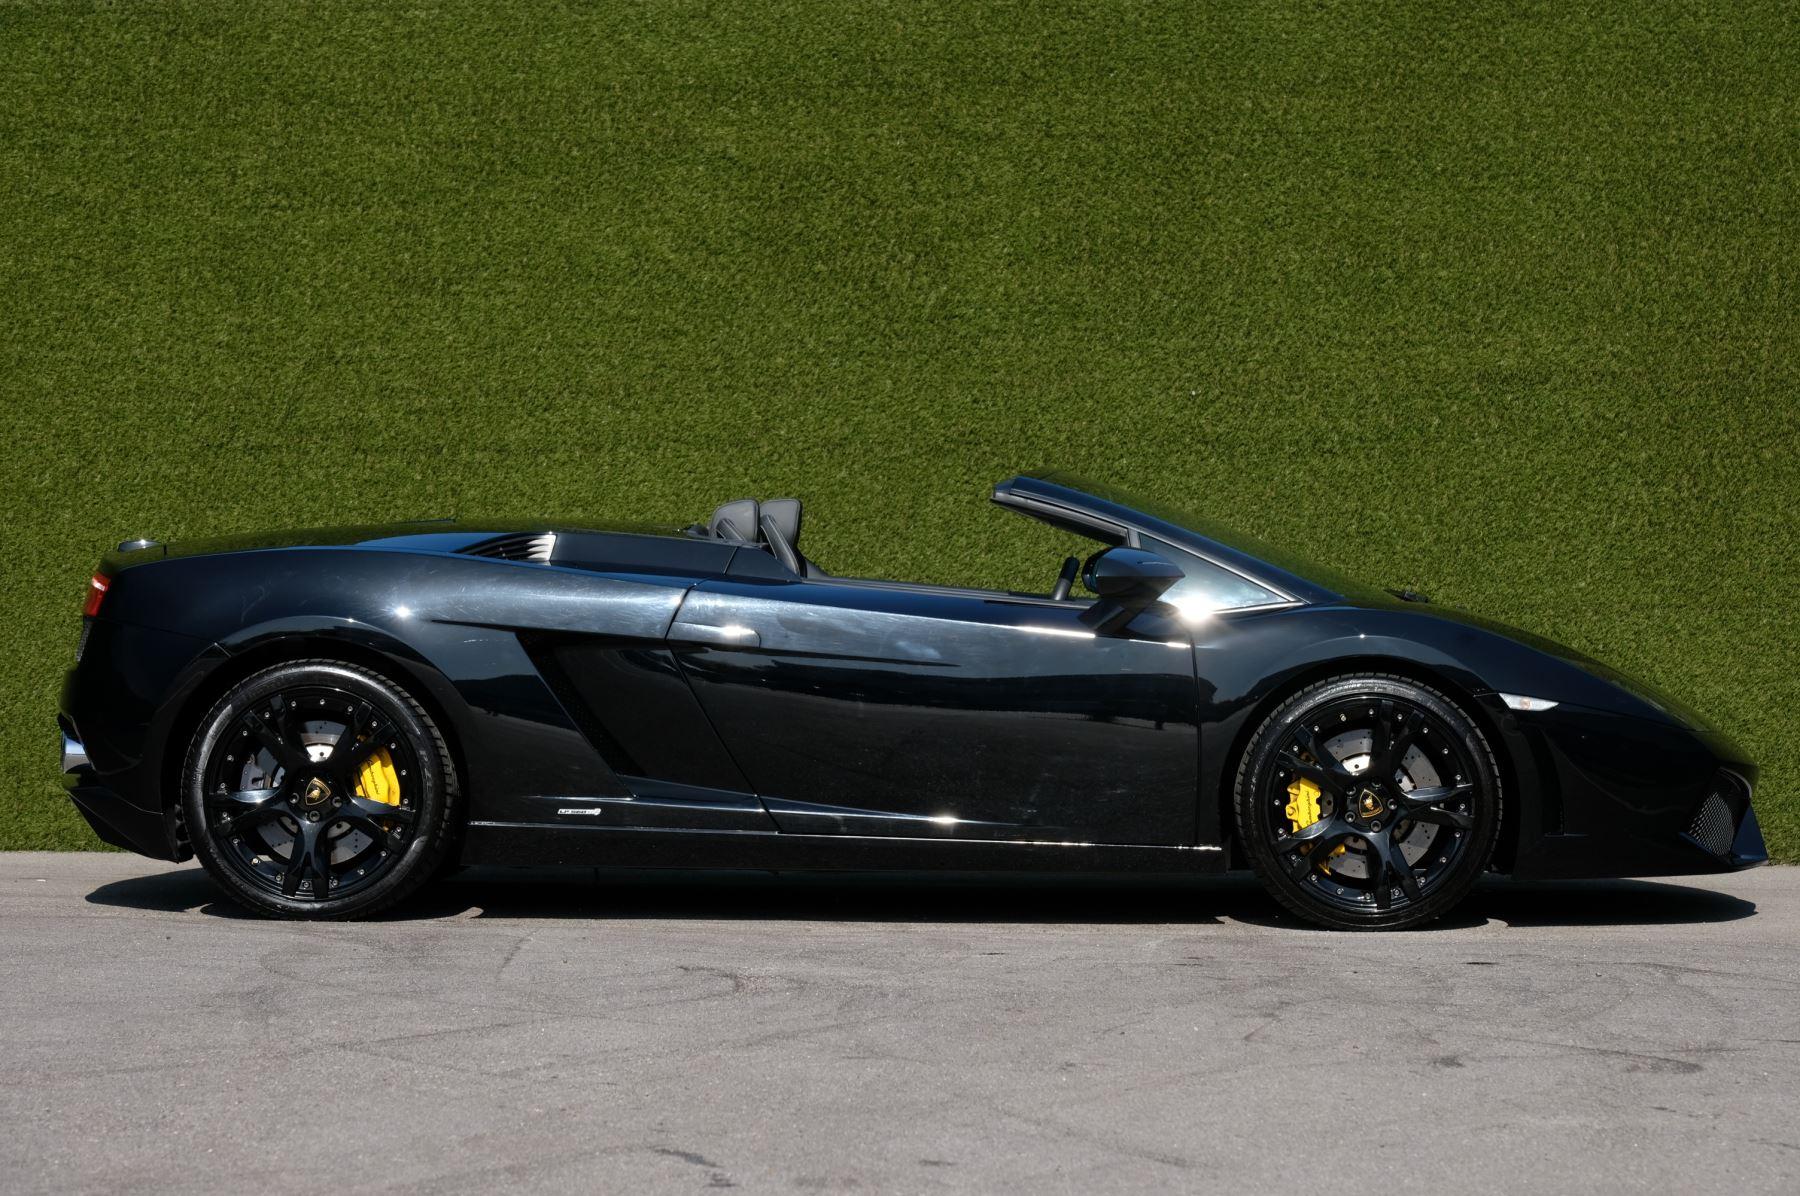 Lamborghini Gallardo LP 560-4 Spyder image 2